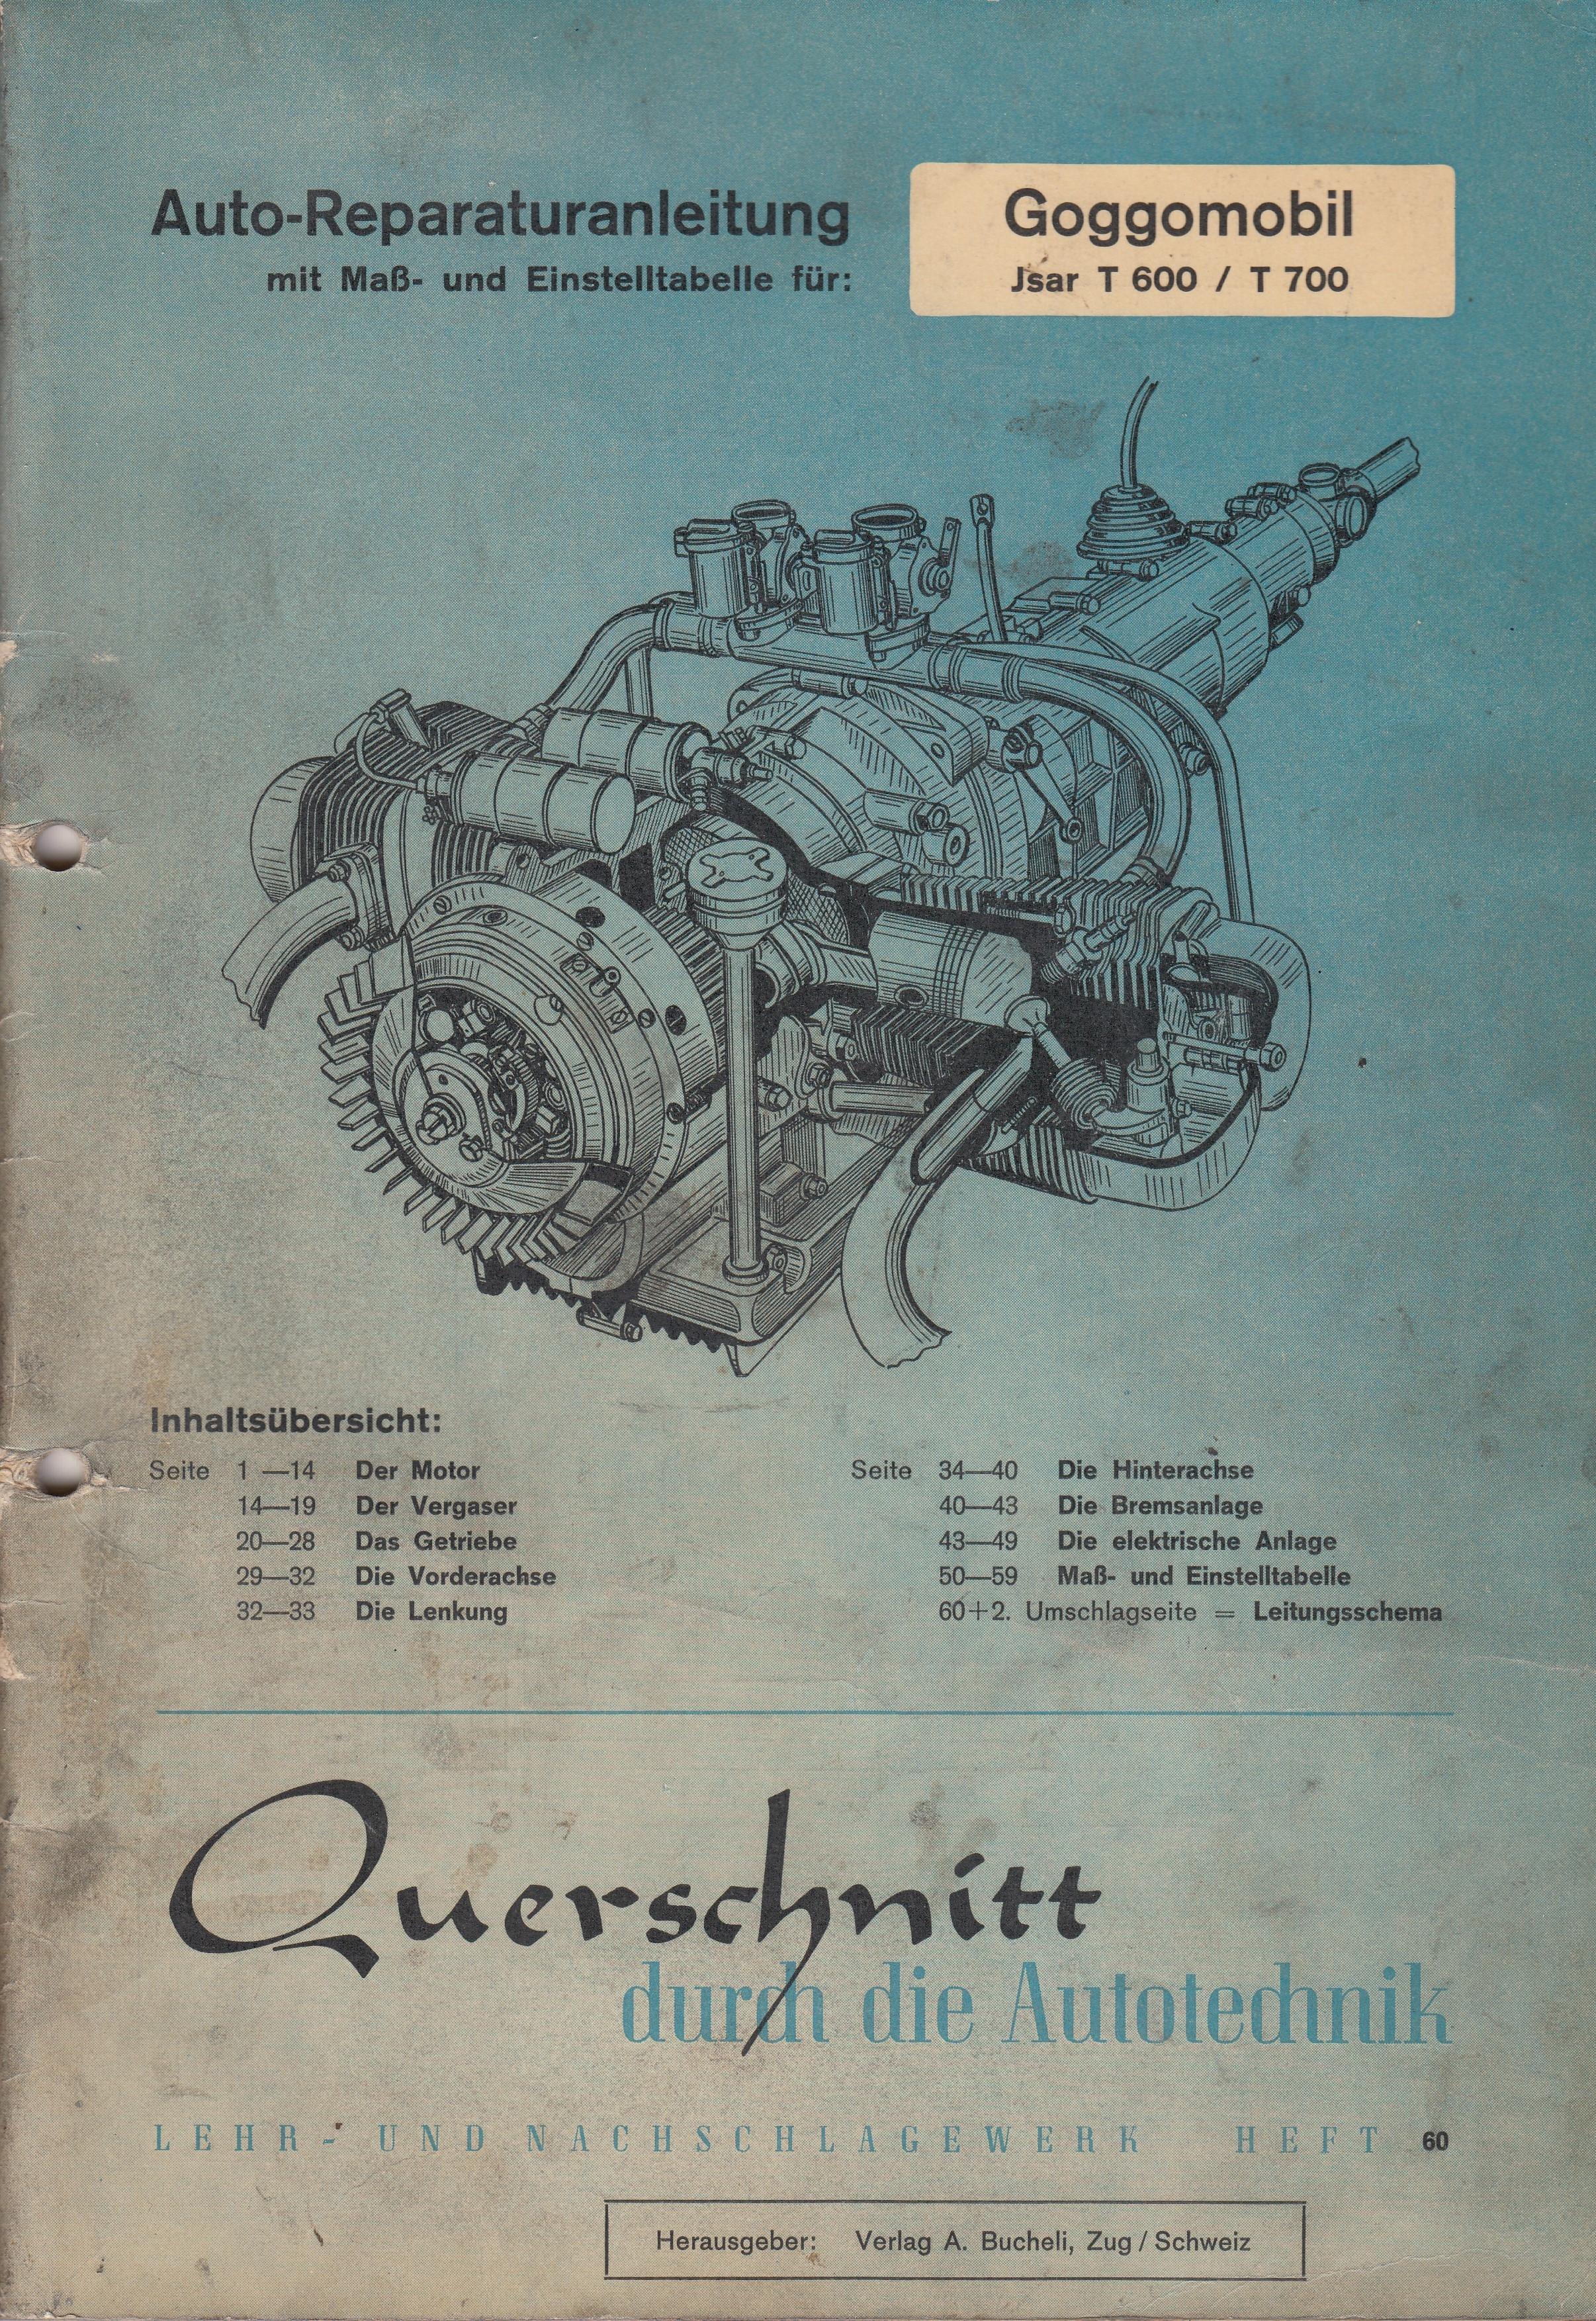 Goggomobil Jsar T 600 / T 700 - Reparaturanleitung